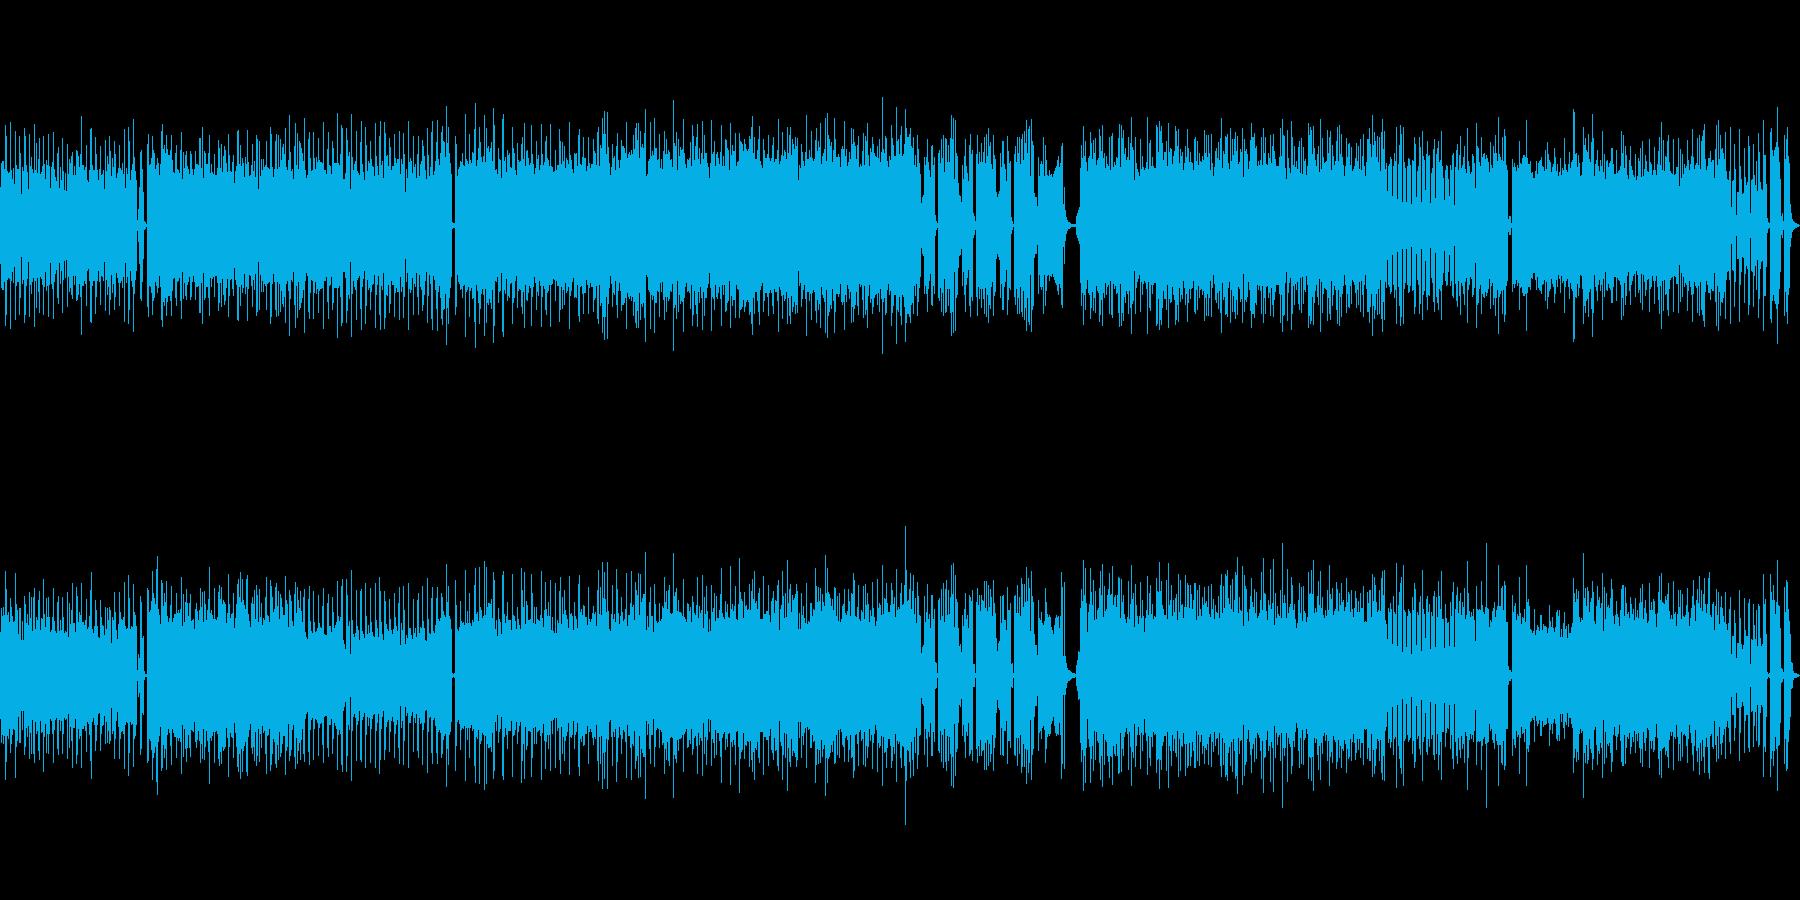 高音質♪ロックアップループ曲の再生済みの波形